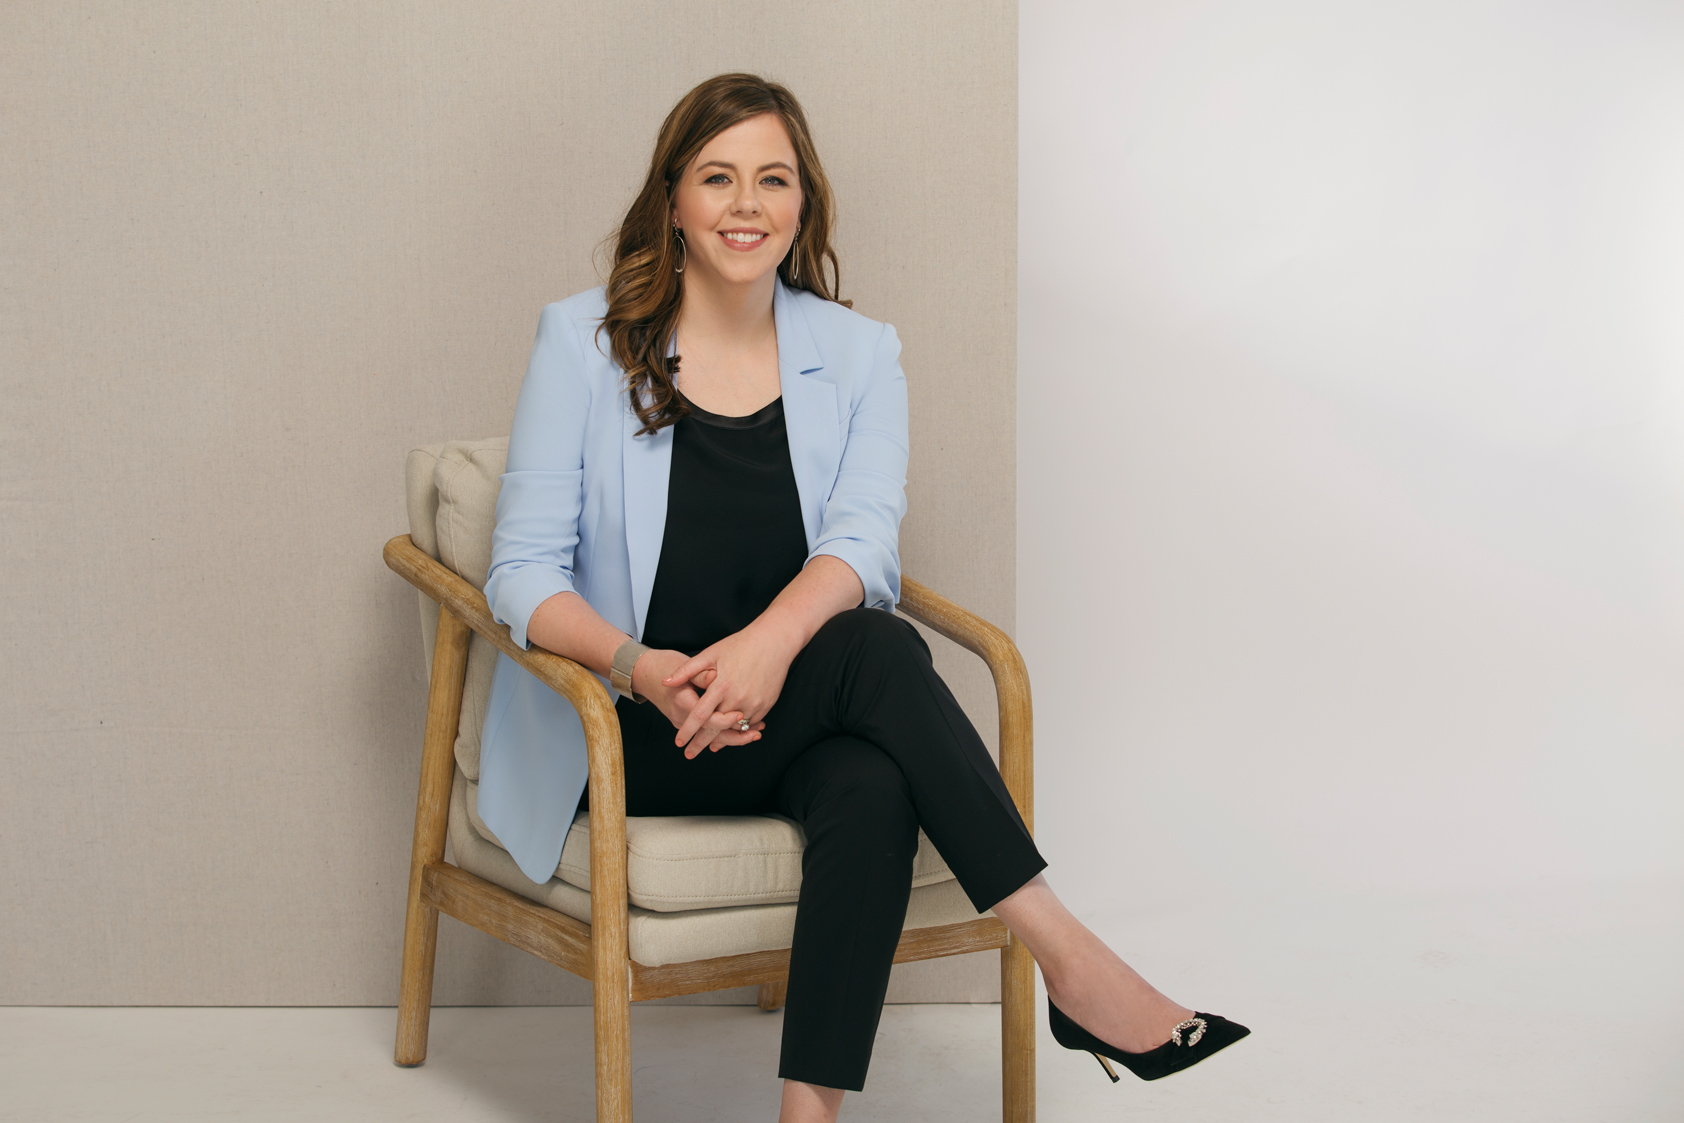 Elizabeth Machen